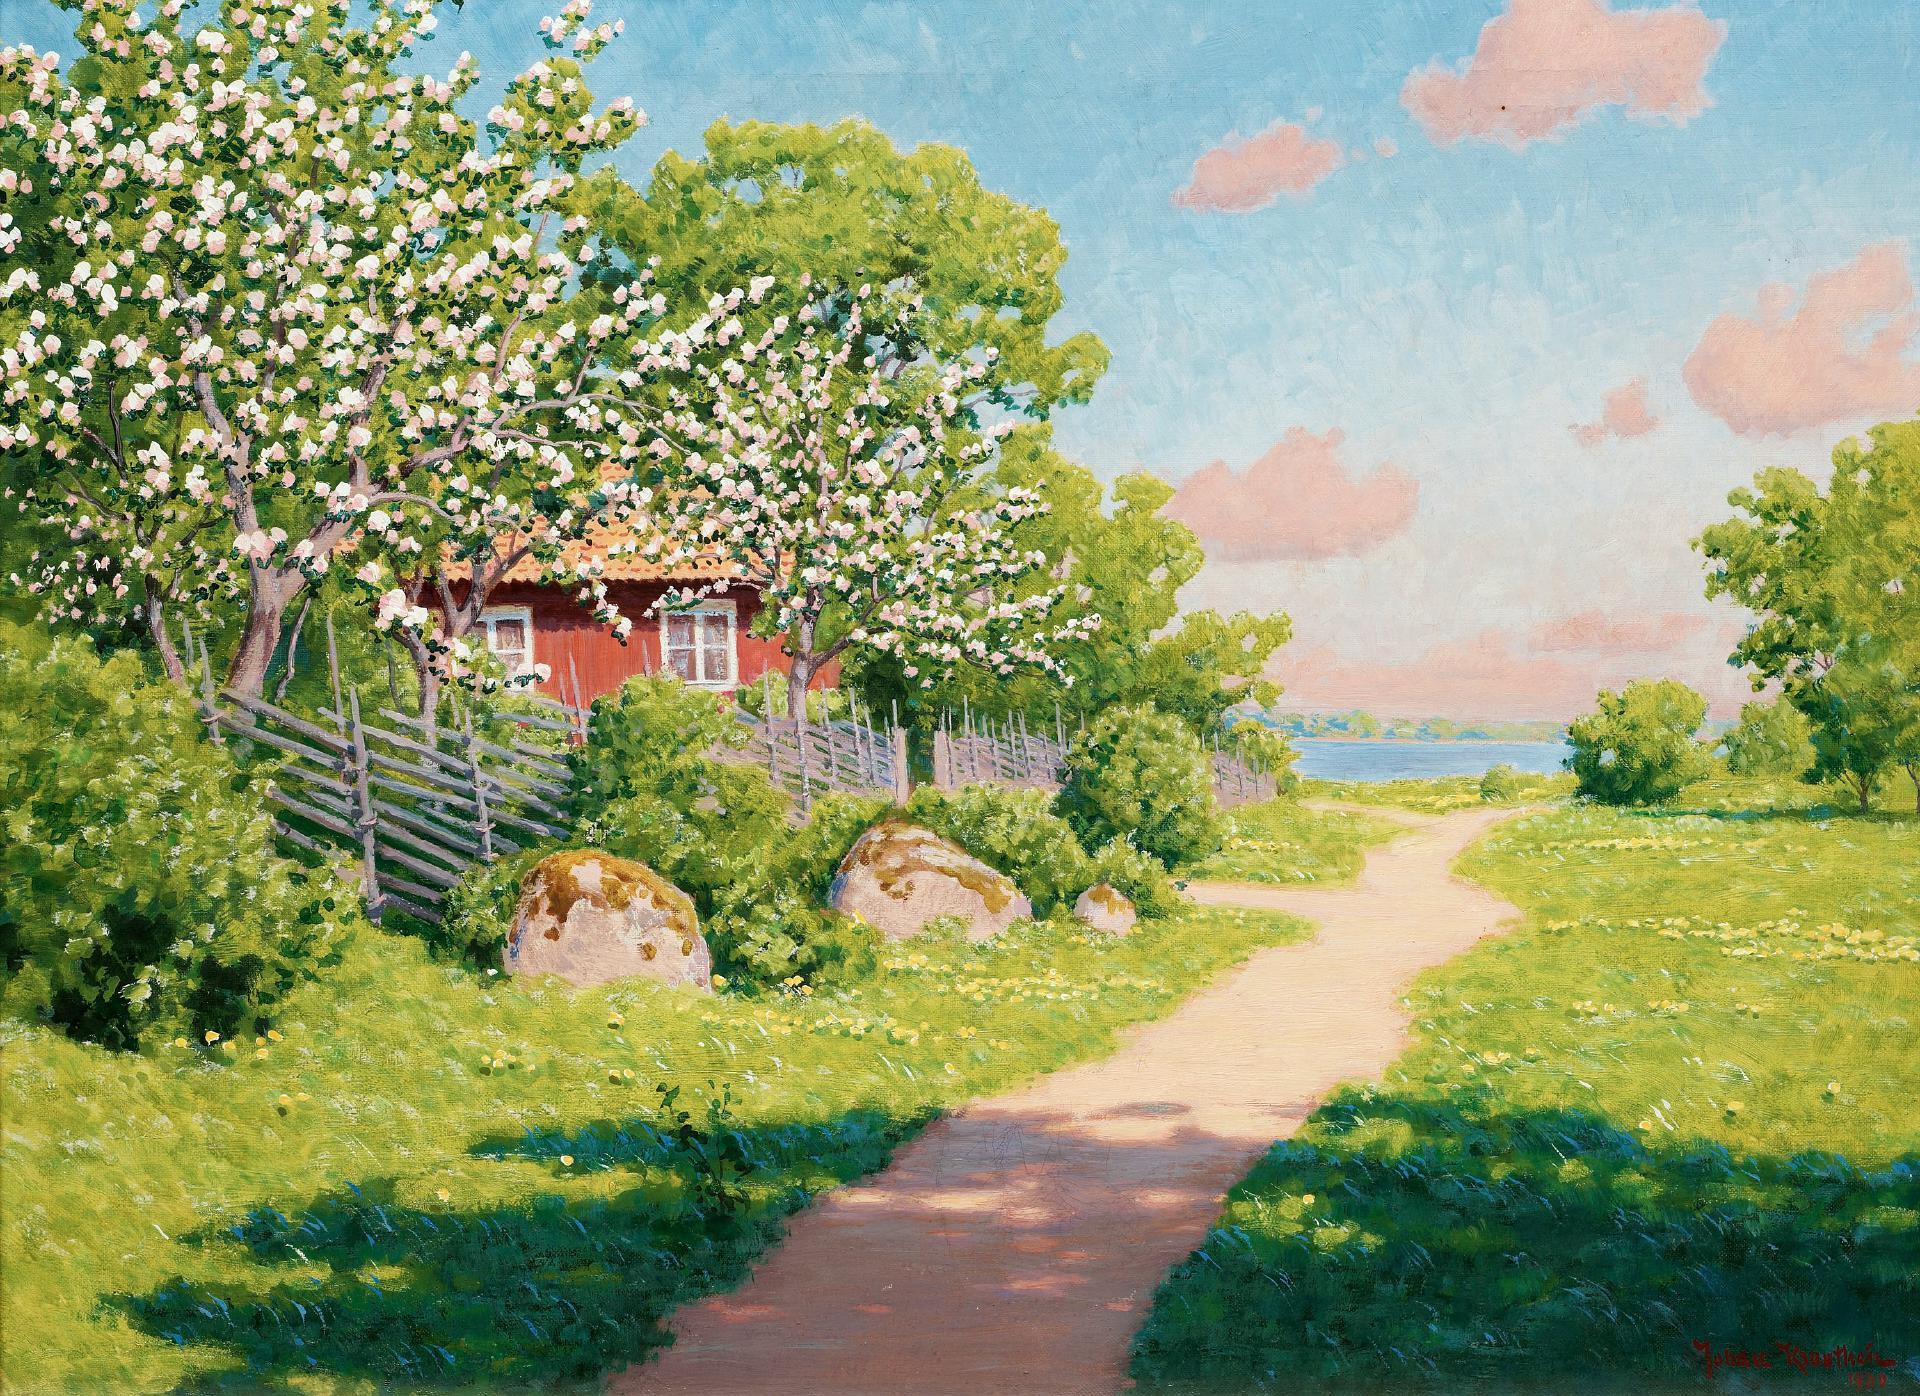 0793_风景油画_17-19世纪世界风景油画精选高清图集-793_3000x2181px